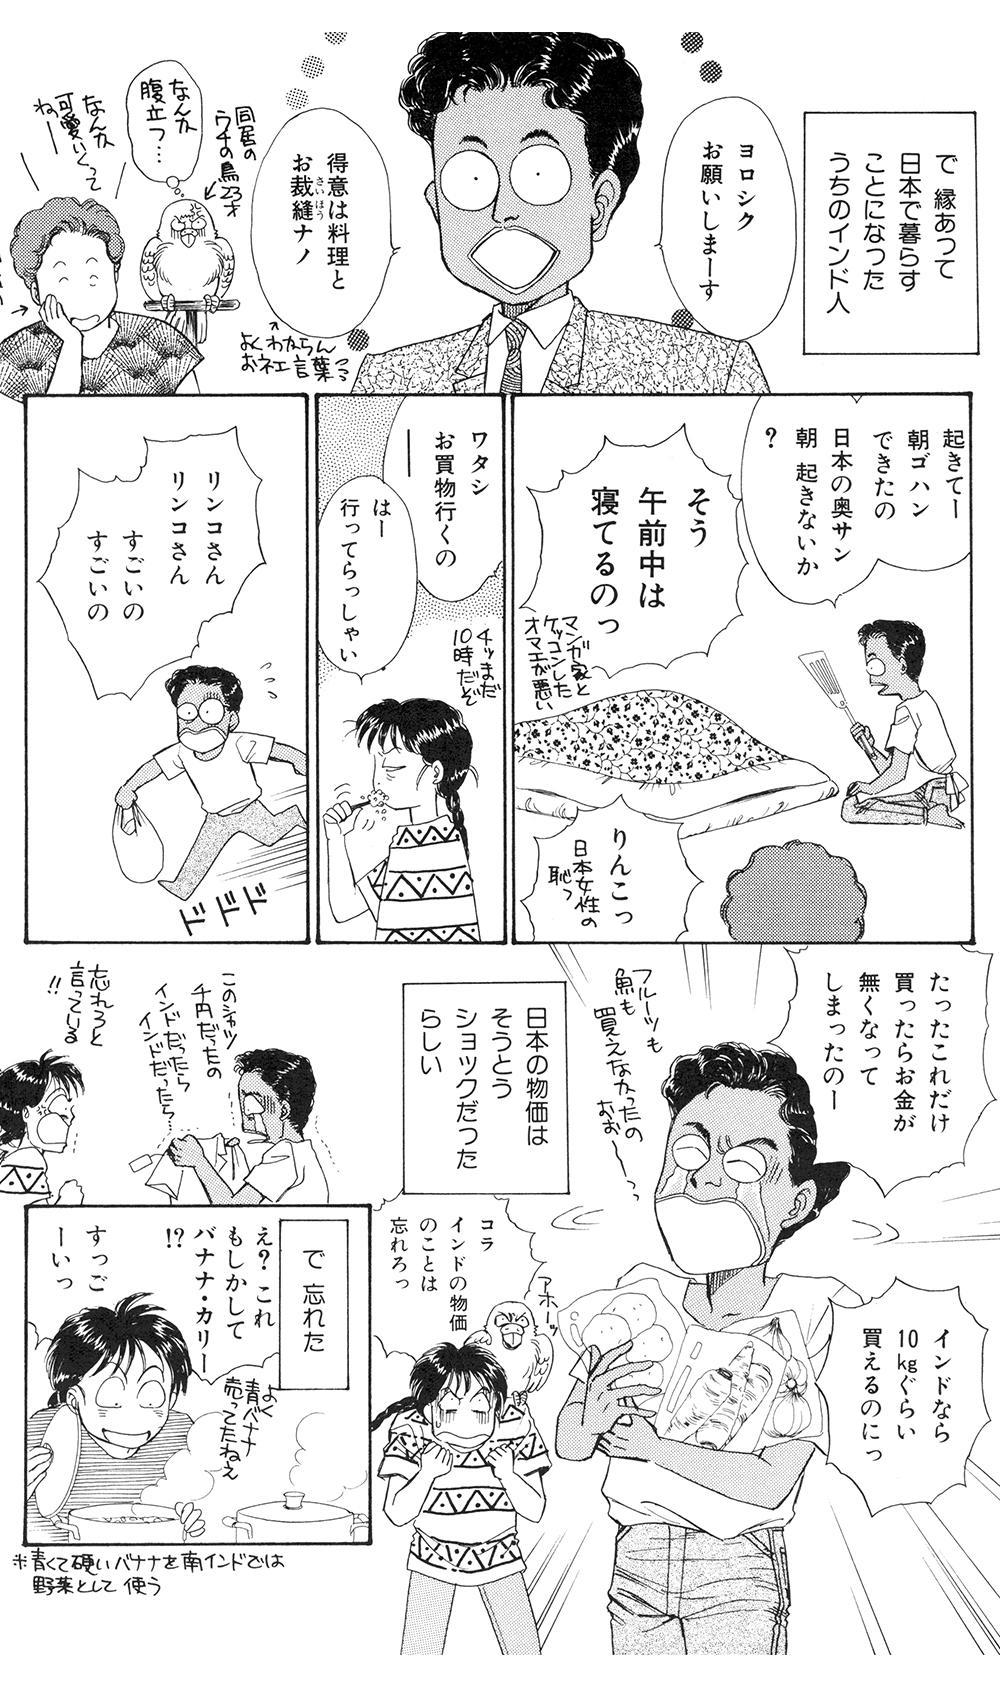 インドな日々 第1話「ナマステ インドおたく編」india01-07.jpg